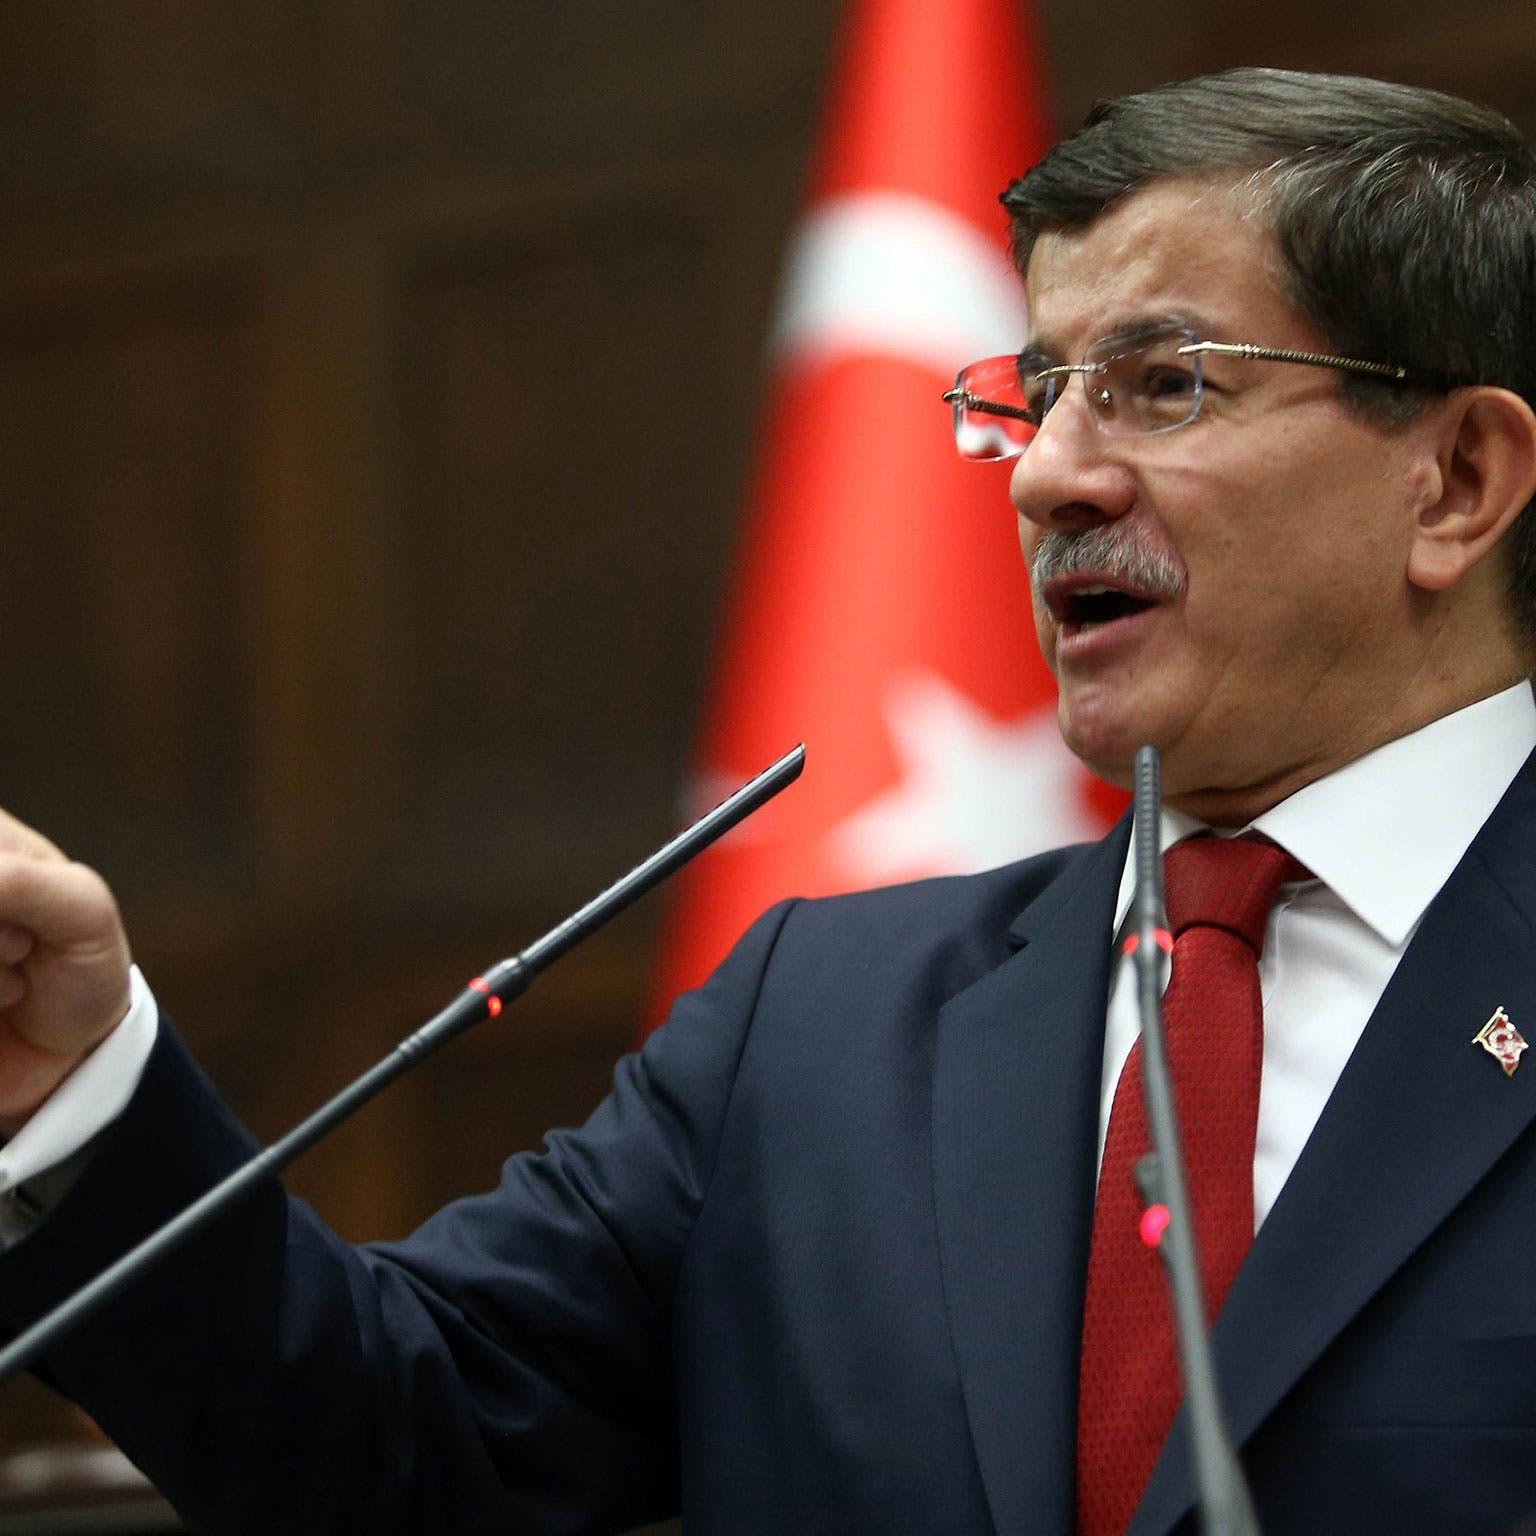 داود أوغلو يوجه انتقاداً لاذعاً لحزب أردوغان بعد هزيمة اسطنبول